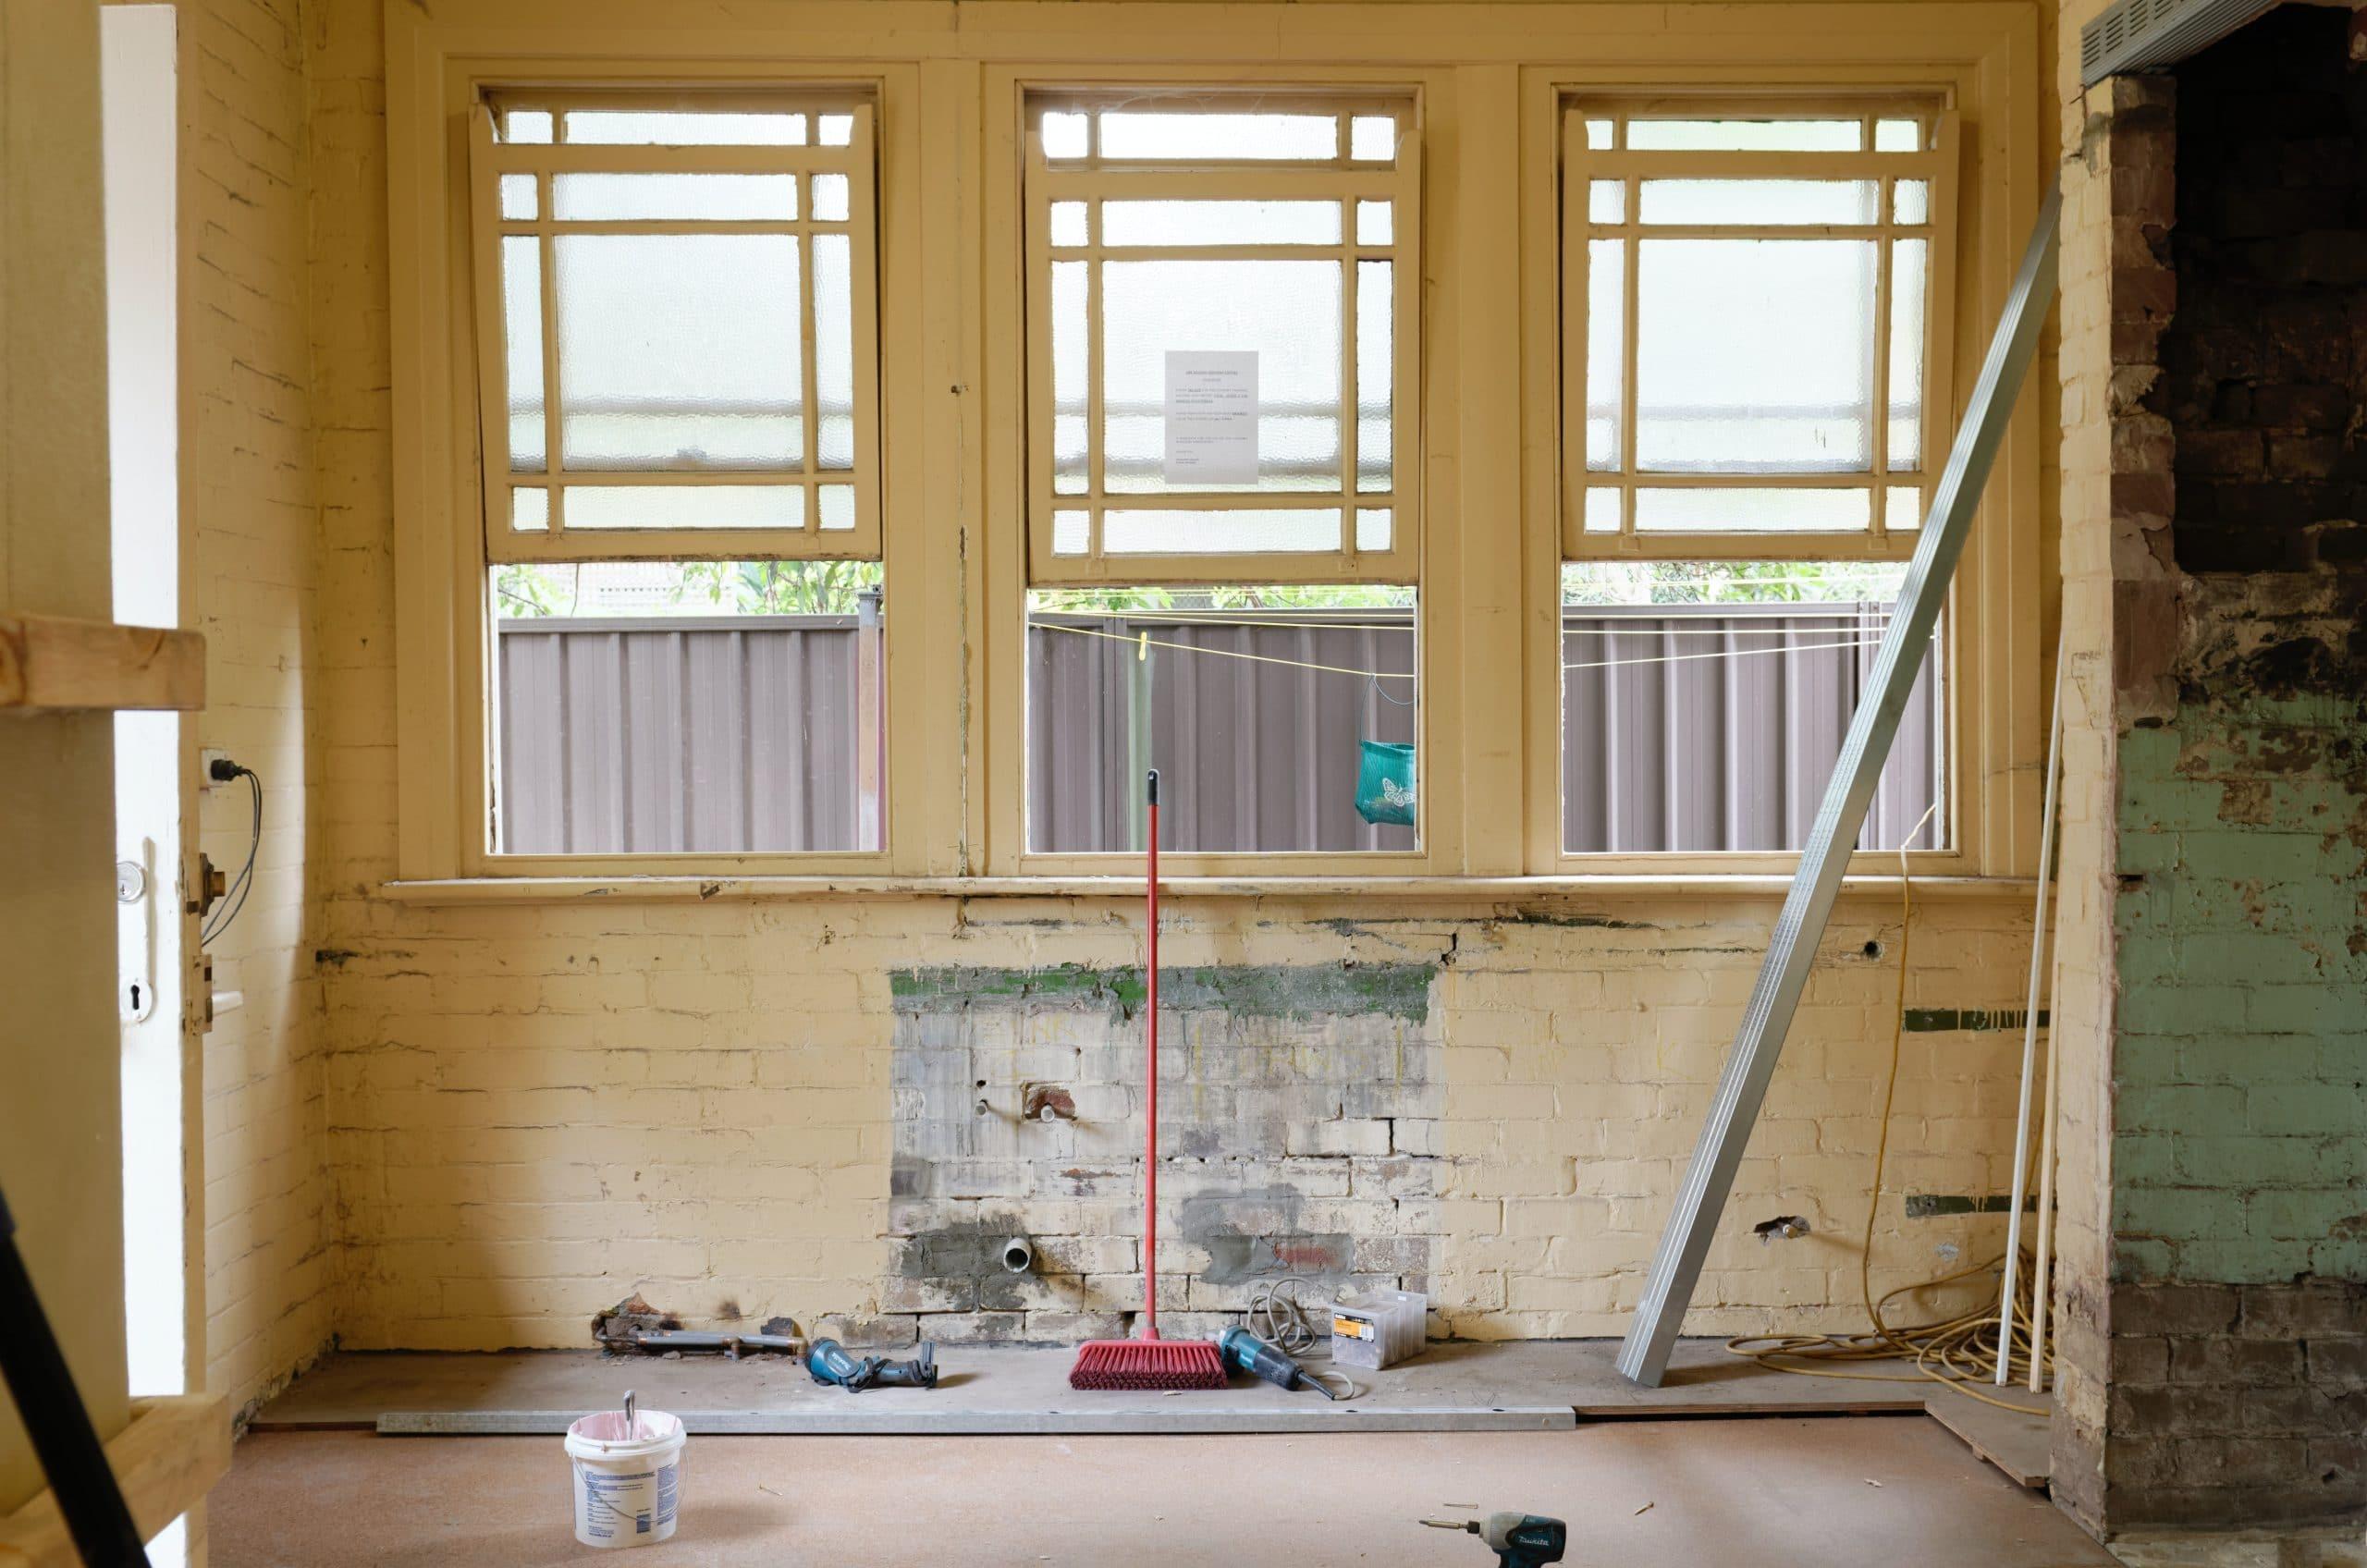 Acheter une maison à rénover : bonne affaire ou gouffre financier?